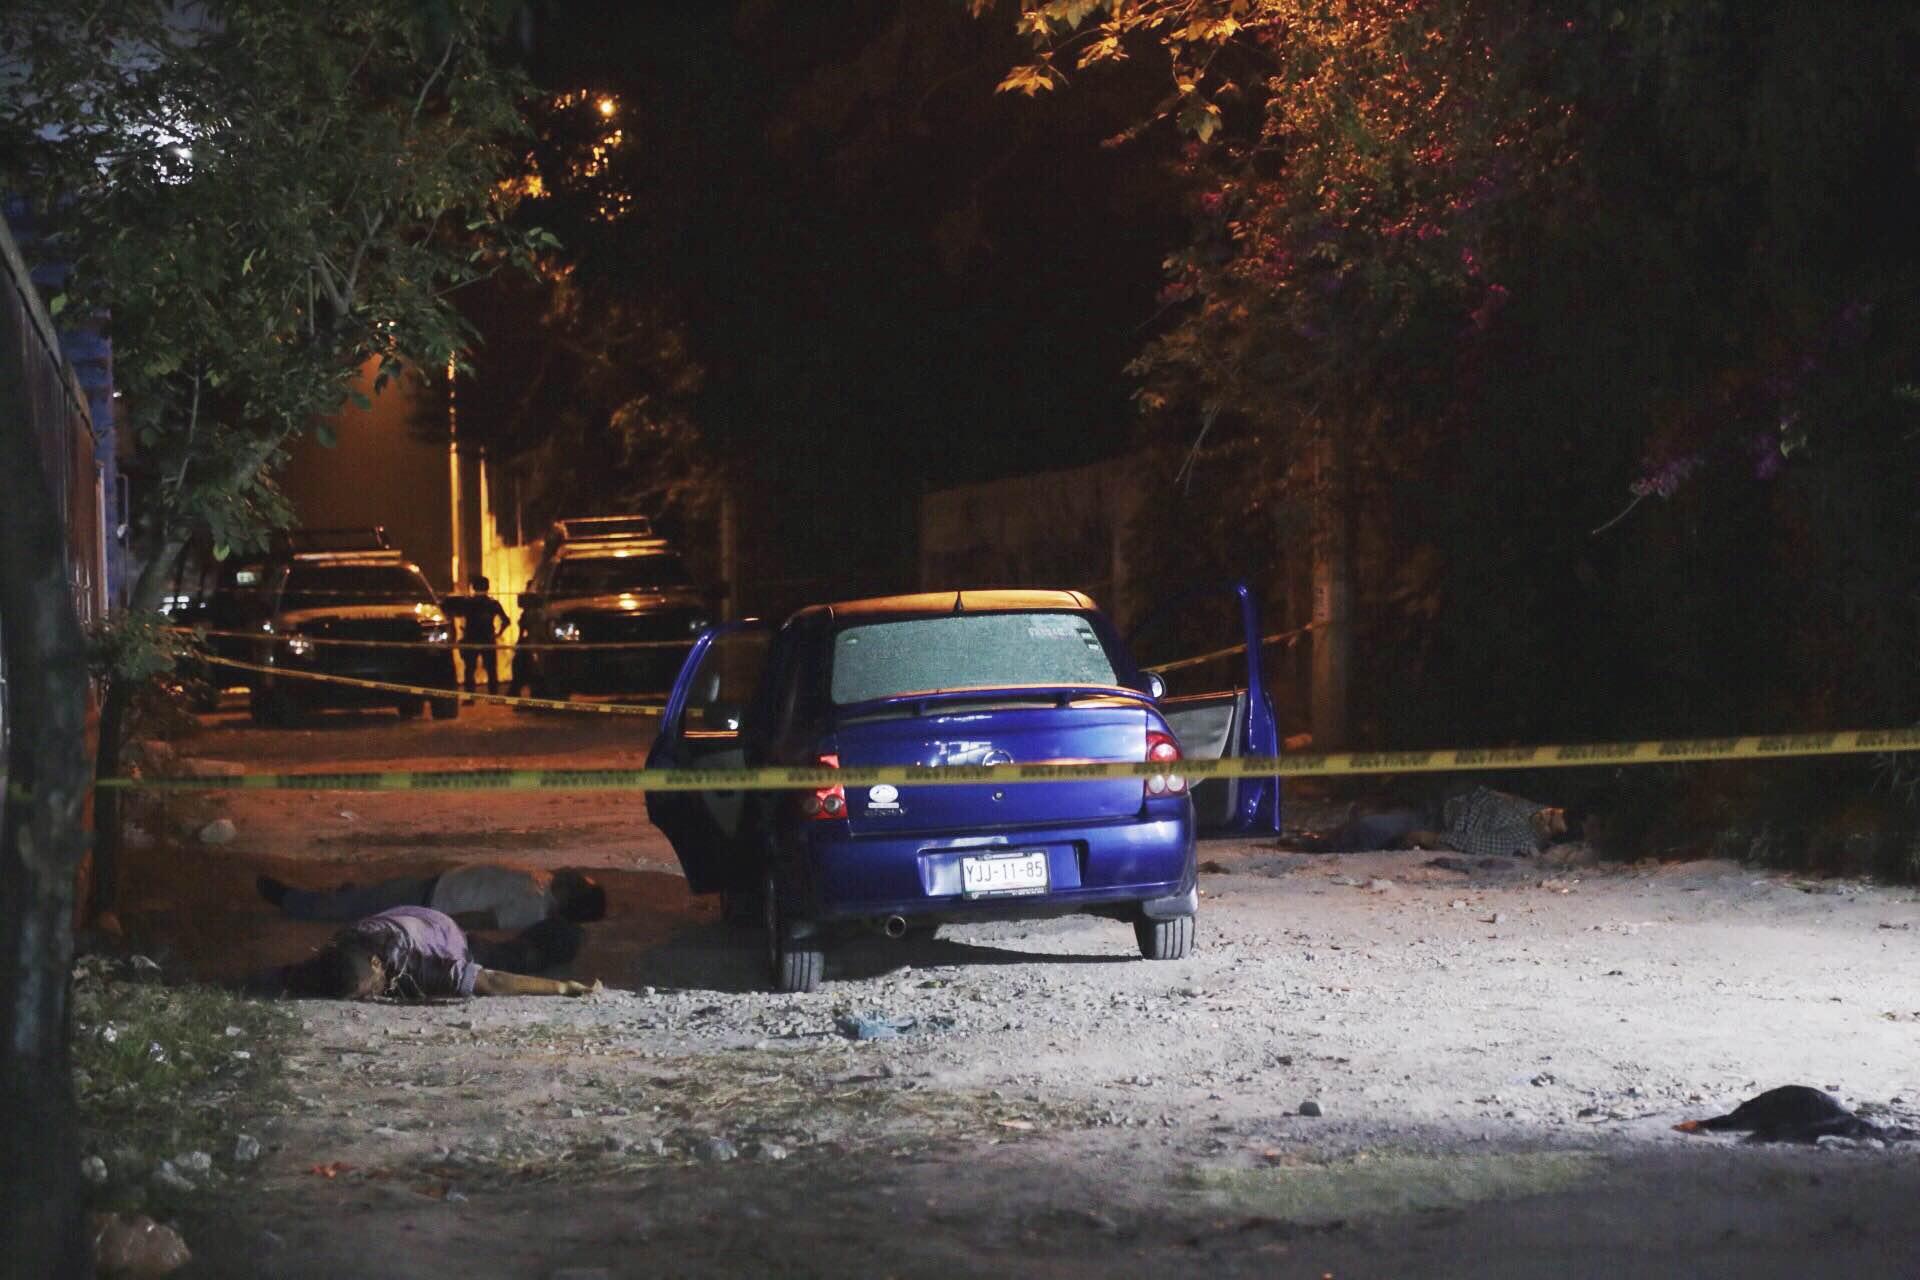 Ejecutan a otro hombre en xalapa agresores mueren tras for Universidades en xalapa